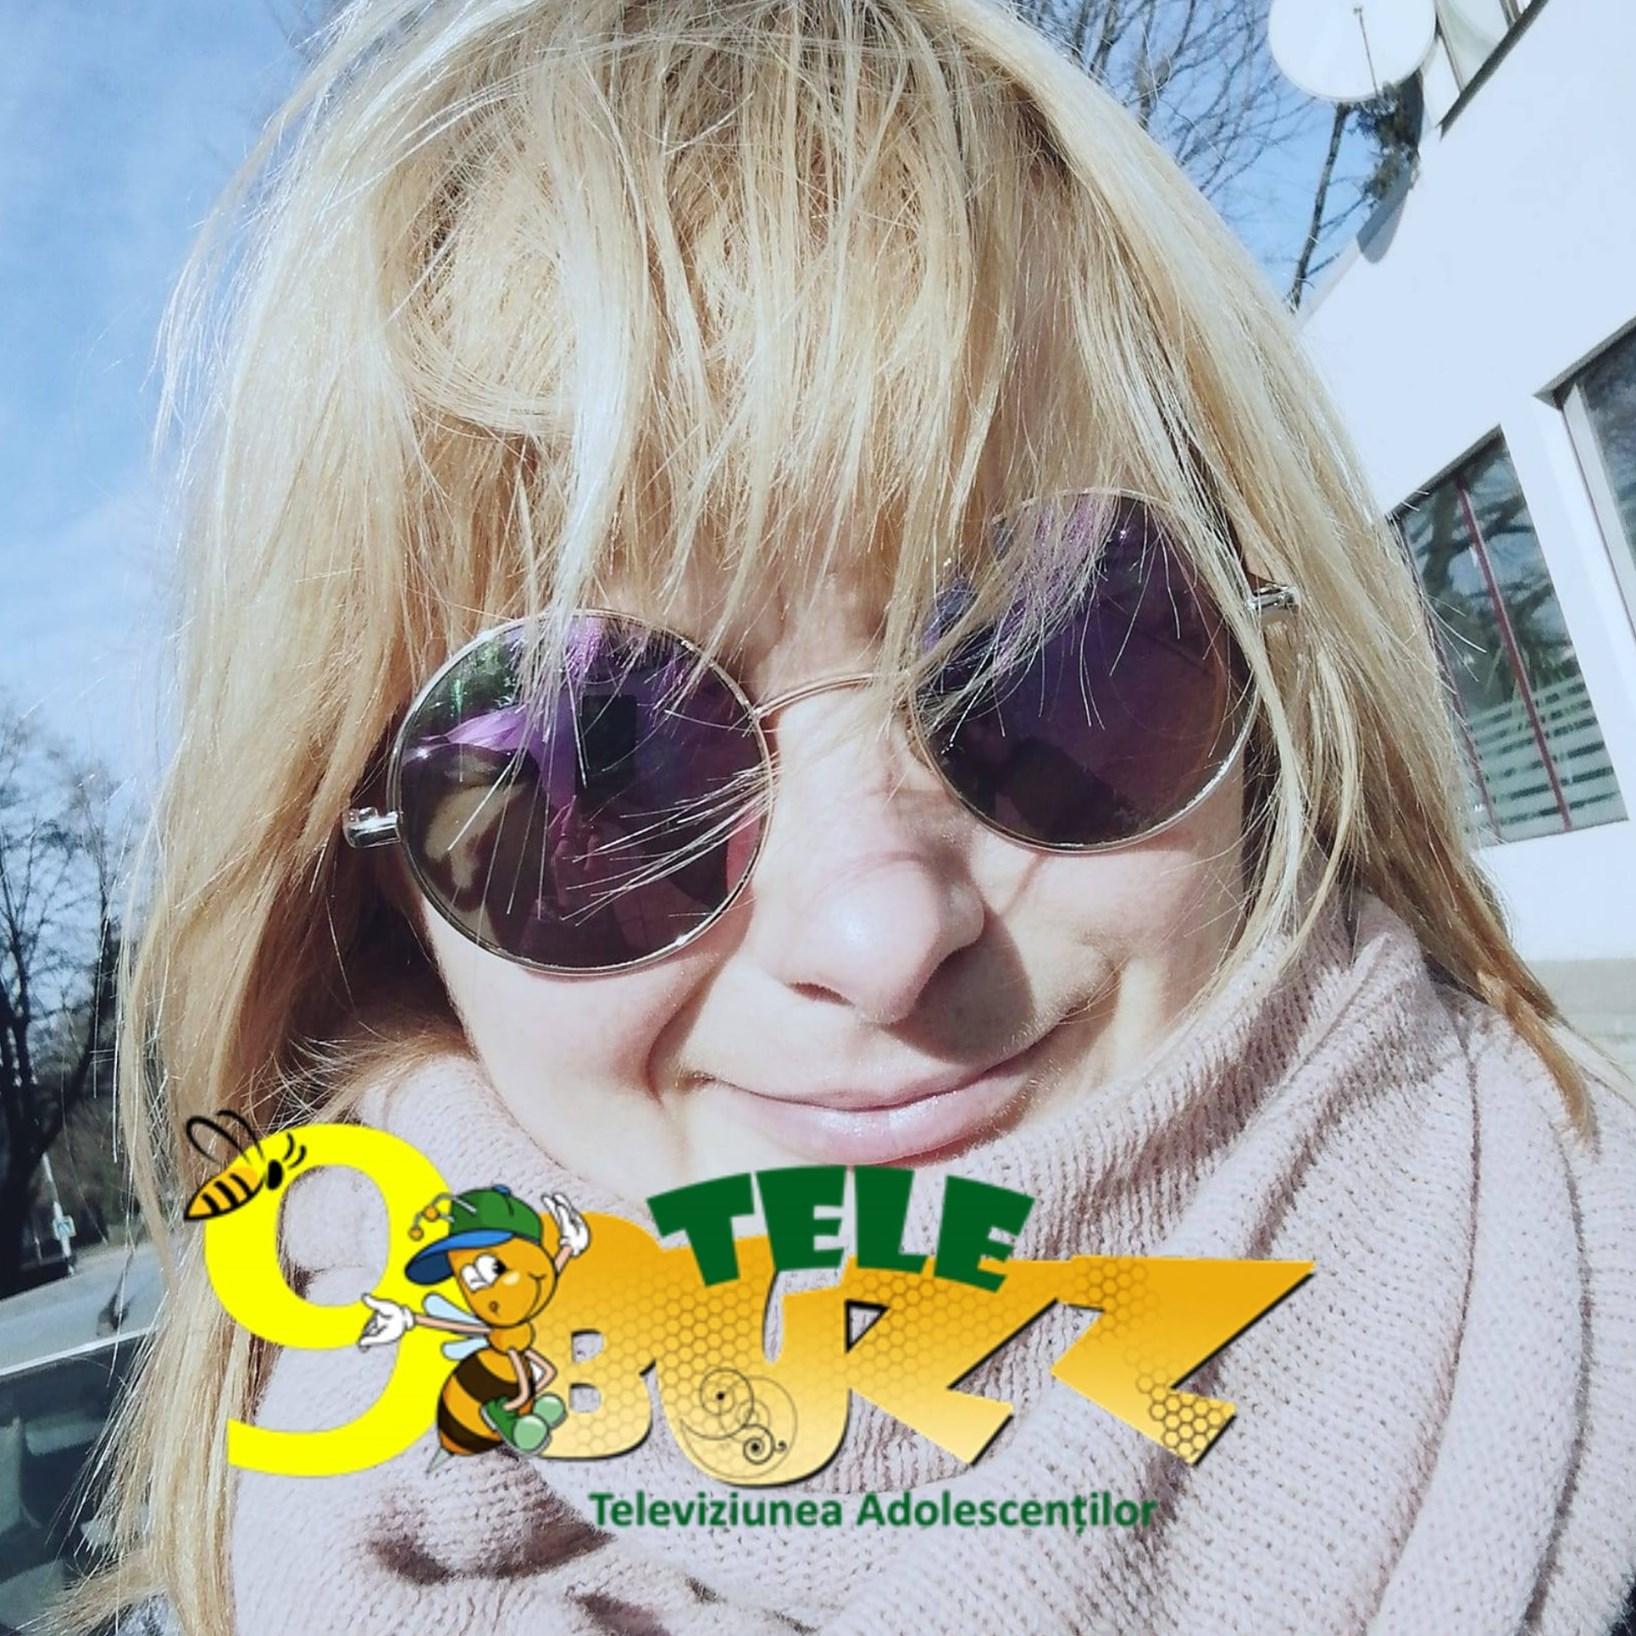 Ioana Matfeev, Ziarul Buzz, Botosani, Patrula de Reciclare, tineri reporteri, micii jurnalisti, jurnalism de mediueducatie, reciclare, protectia mediului